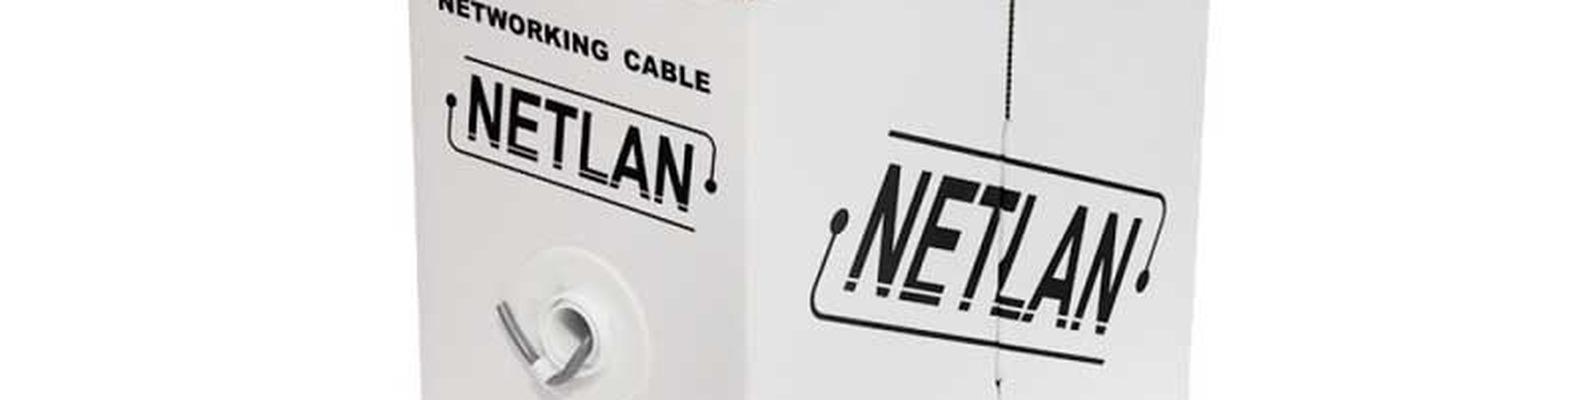 куплю внешний кабель